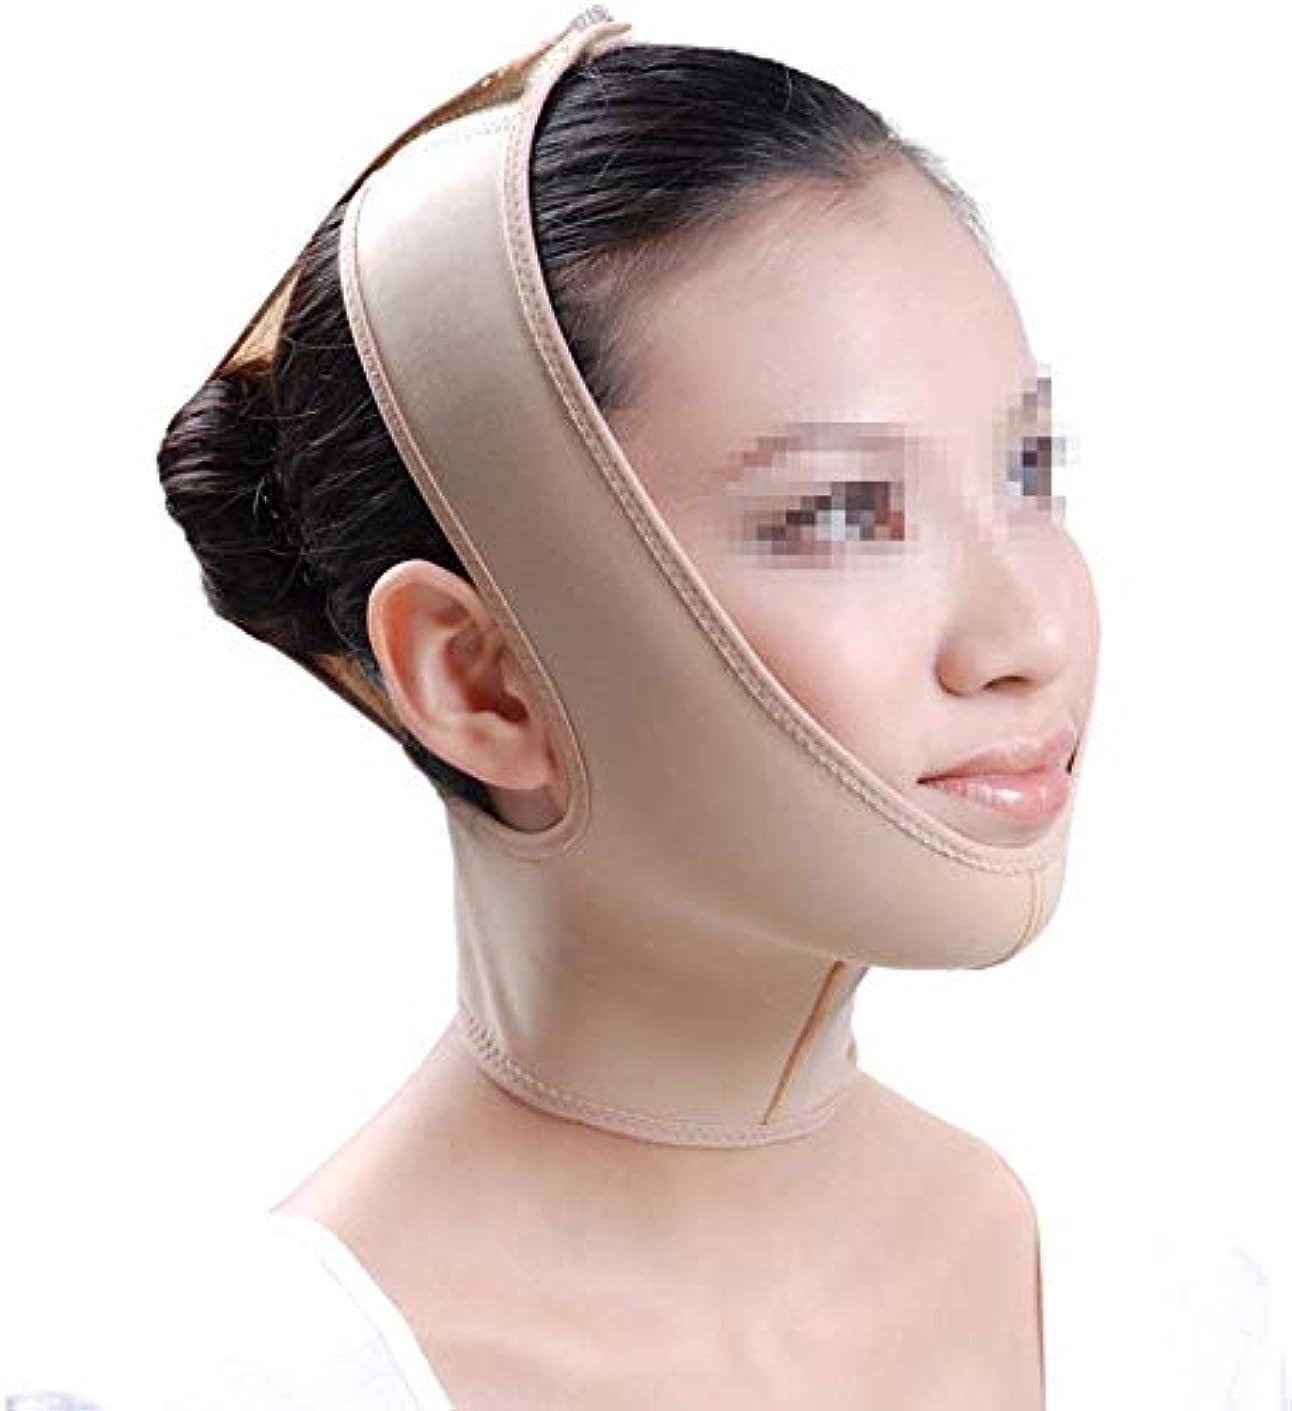 受け皿種をまくによってSlim身Vフェイスマスク、フェイスリフトマスク、顎首スリーブ首二重あご顔医療脂肪吸引手術傷フェイスマスクヘッド弾性スリーブ(サイズ:L)